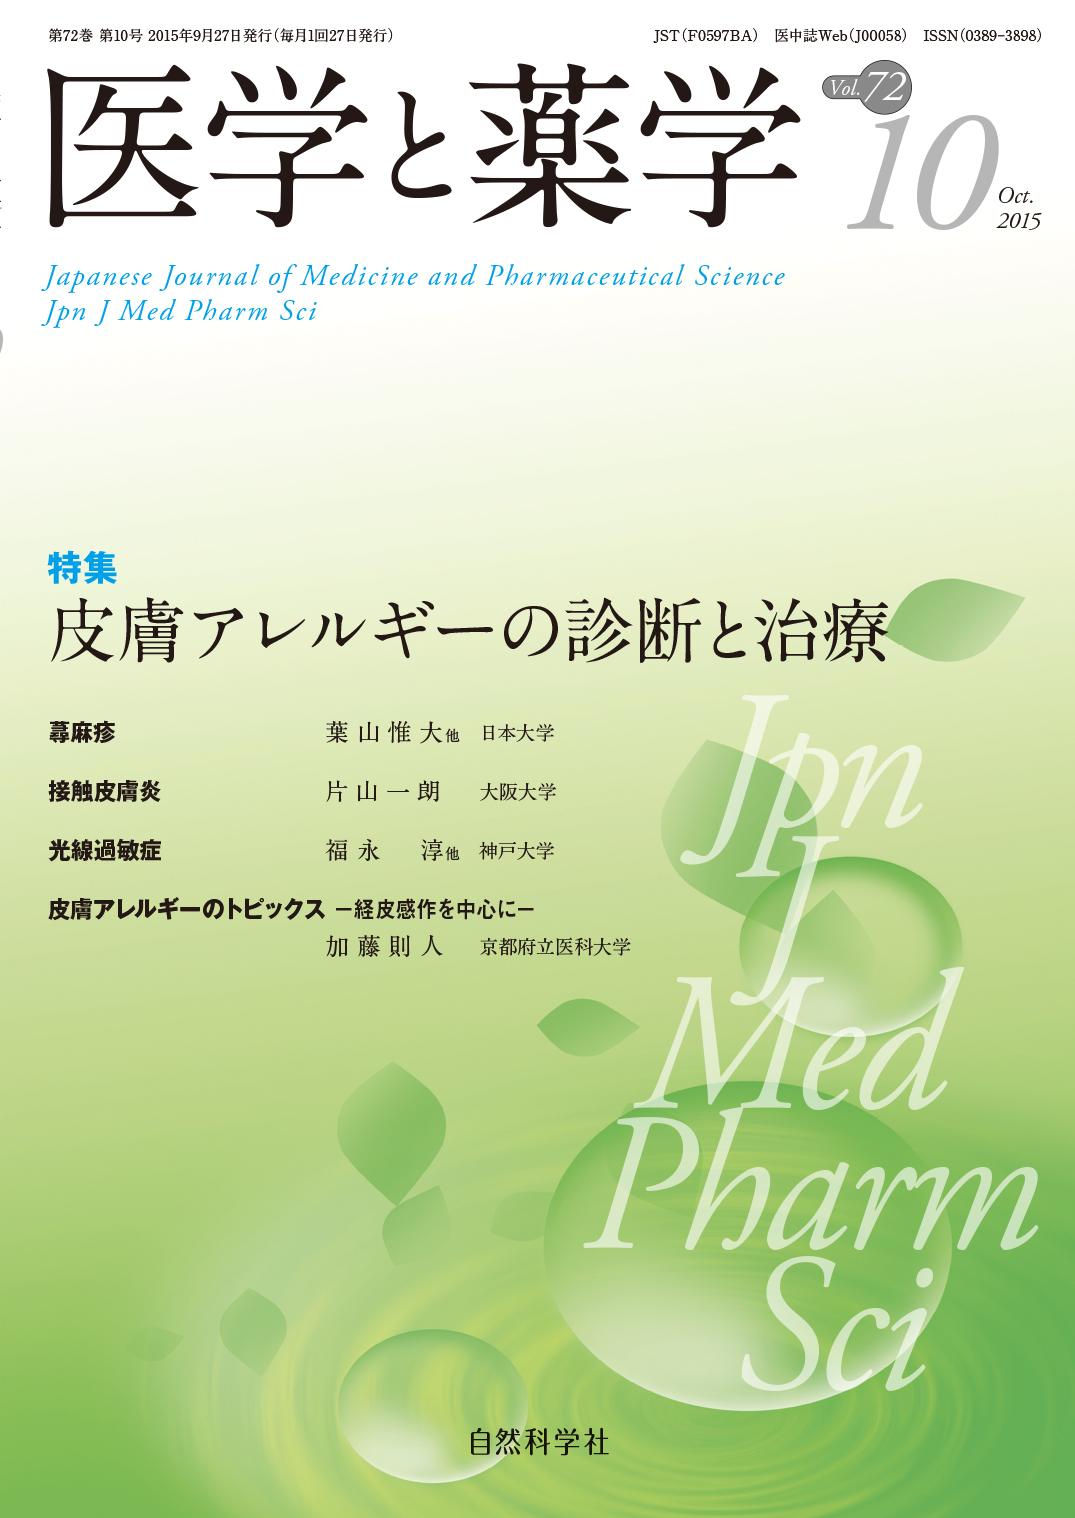 医学と薬学72巻10号2015年10月